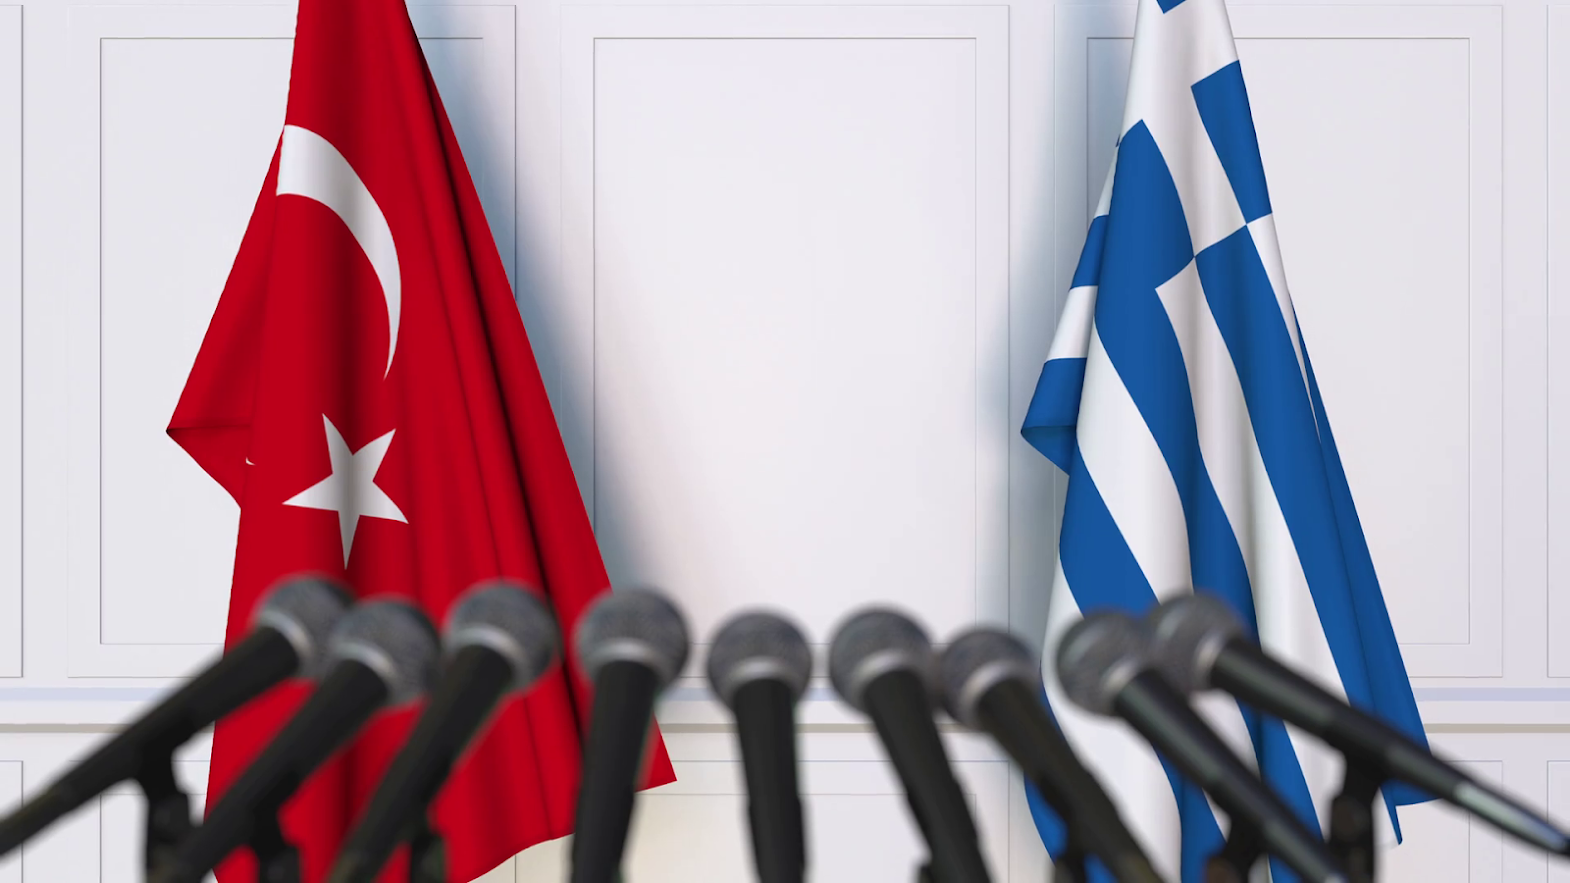 Η ανάρτηση Καλαφάτη για τα ελληνοτουρκικά σε σχέση με τη συμφωνία των Πρεσπών